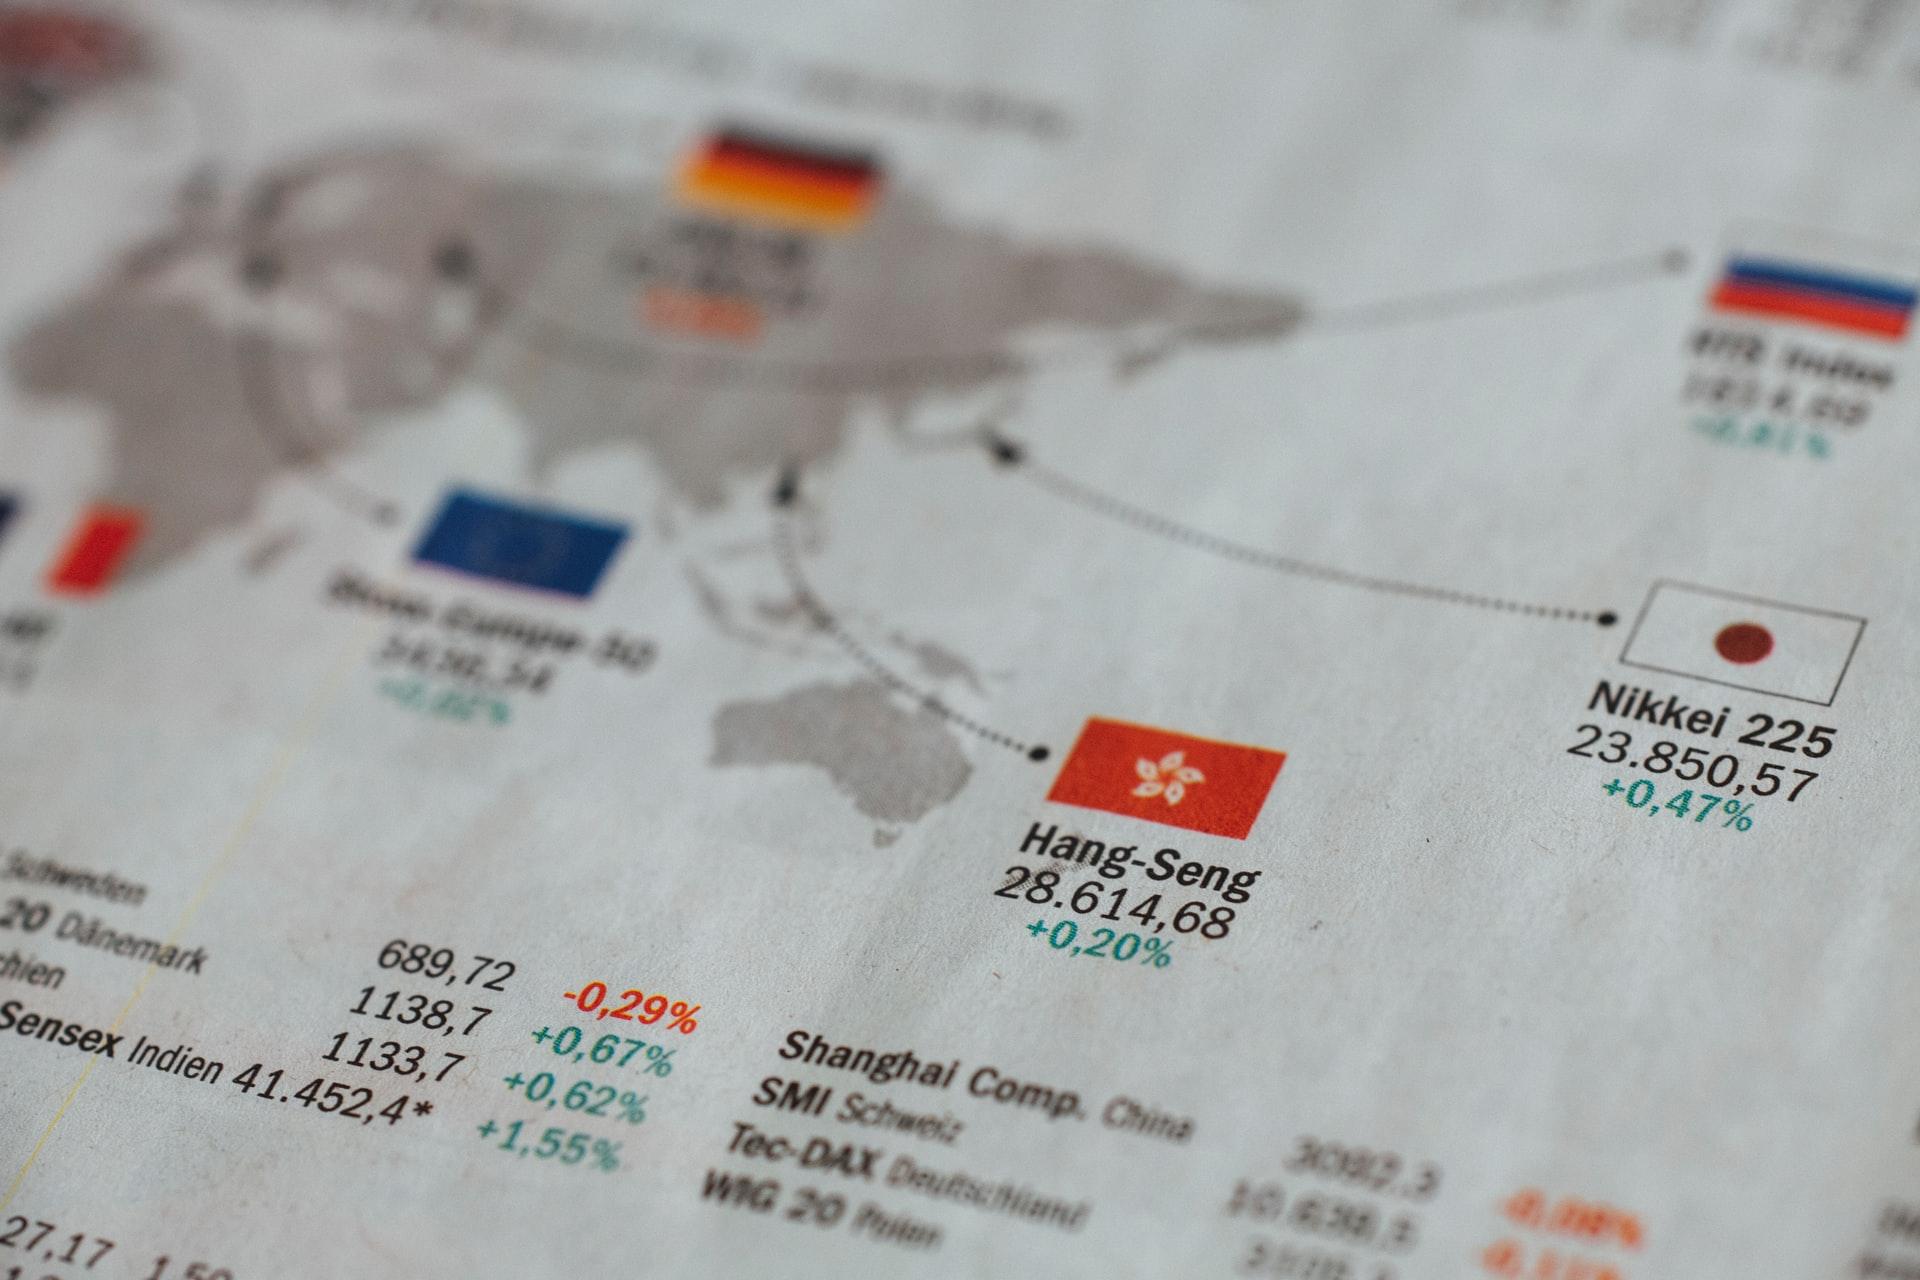 Buitenlandse aandelen kopen